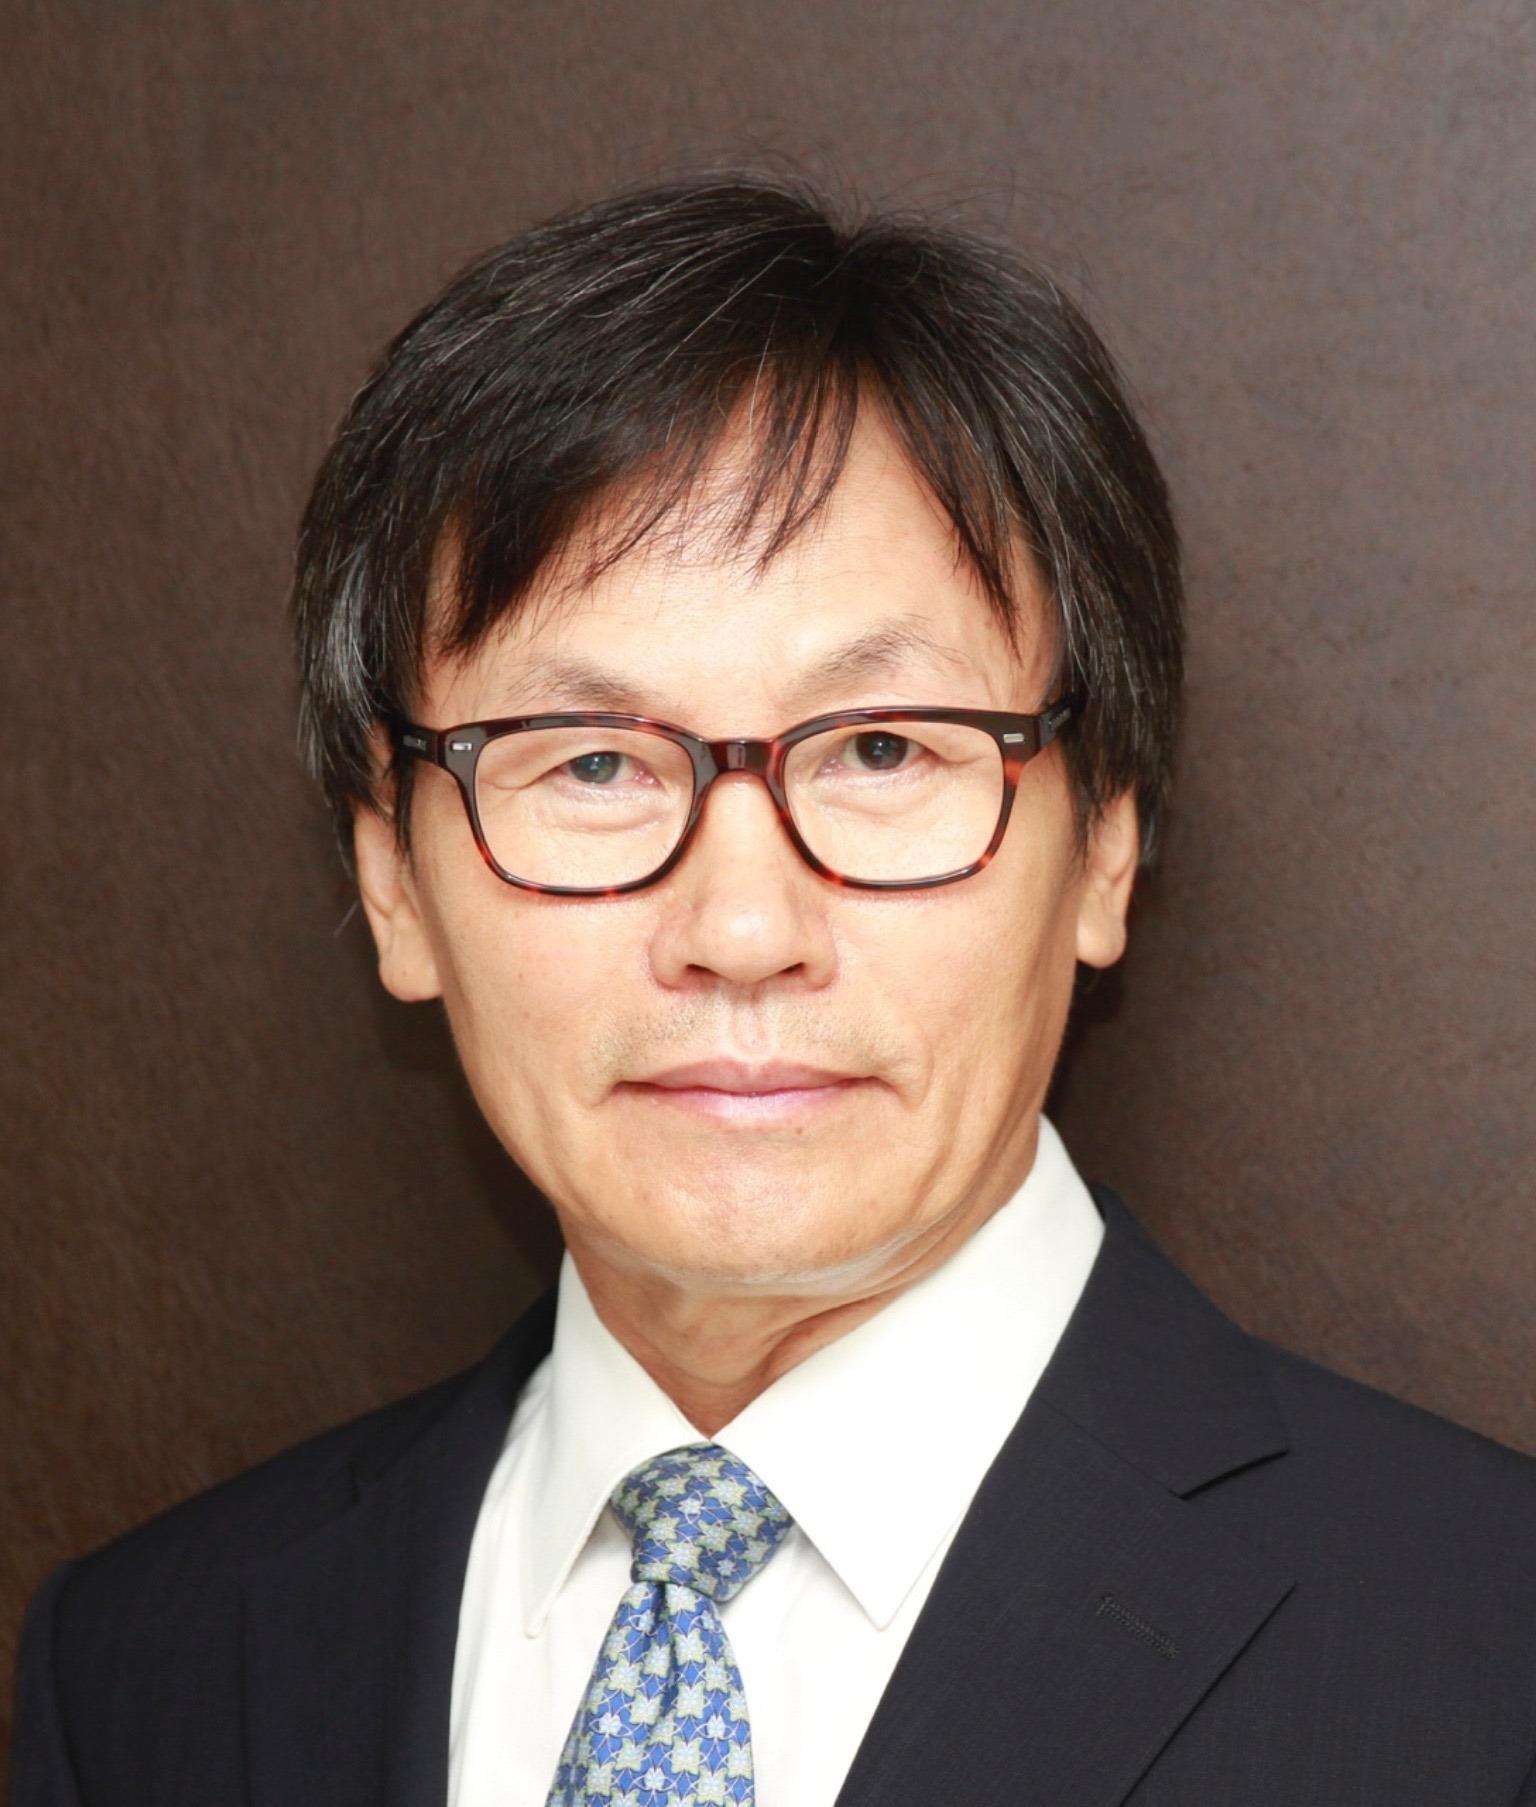 박충구 교수(감신대 은퇴교수, 생명과 평화 연구소 소장)